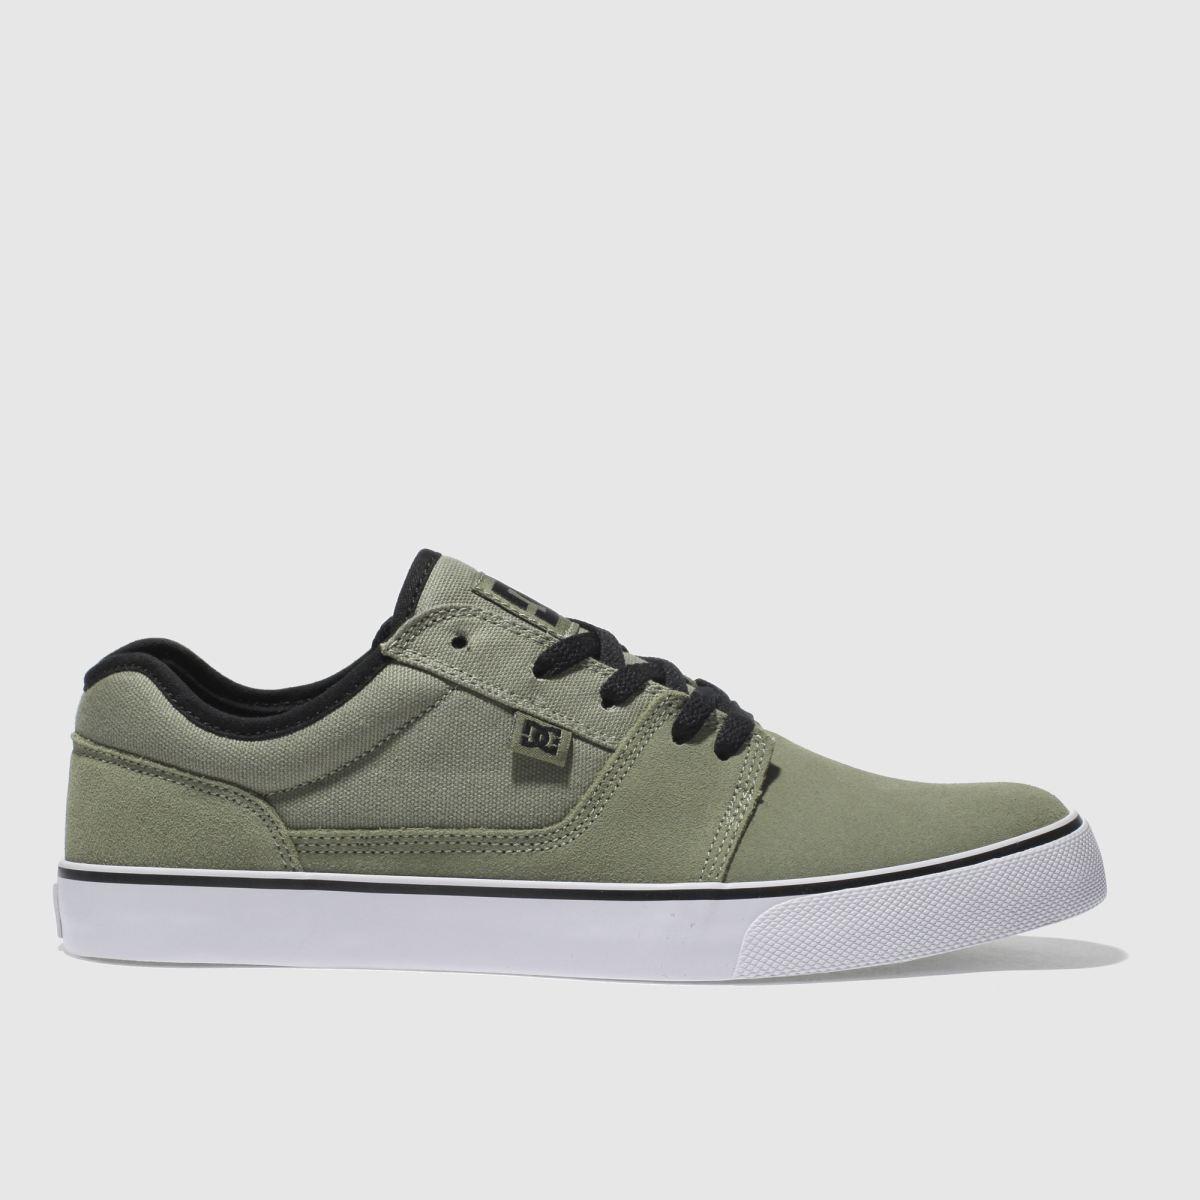 dc shoes Dc Shoes Khaki Tonik Trainers